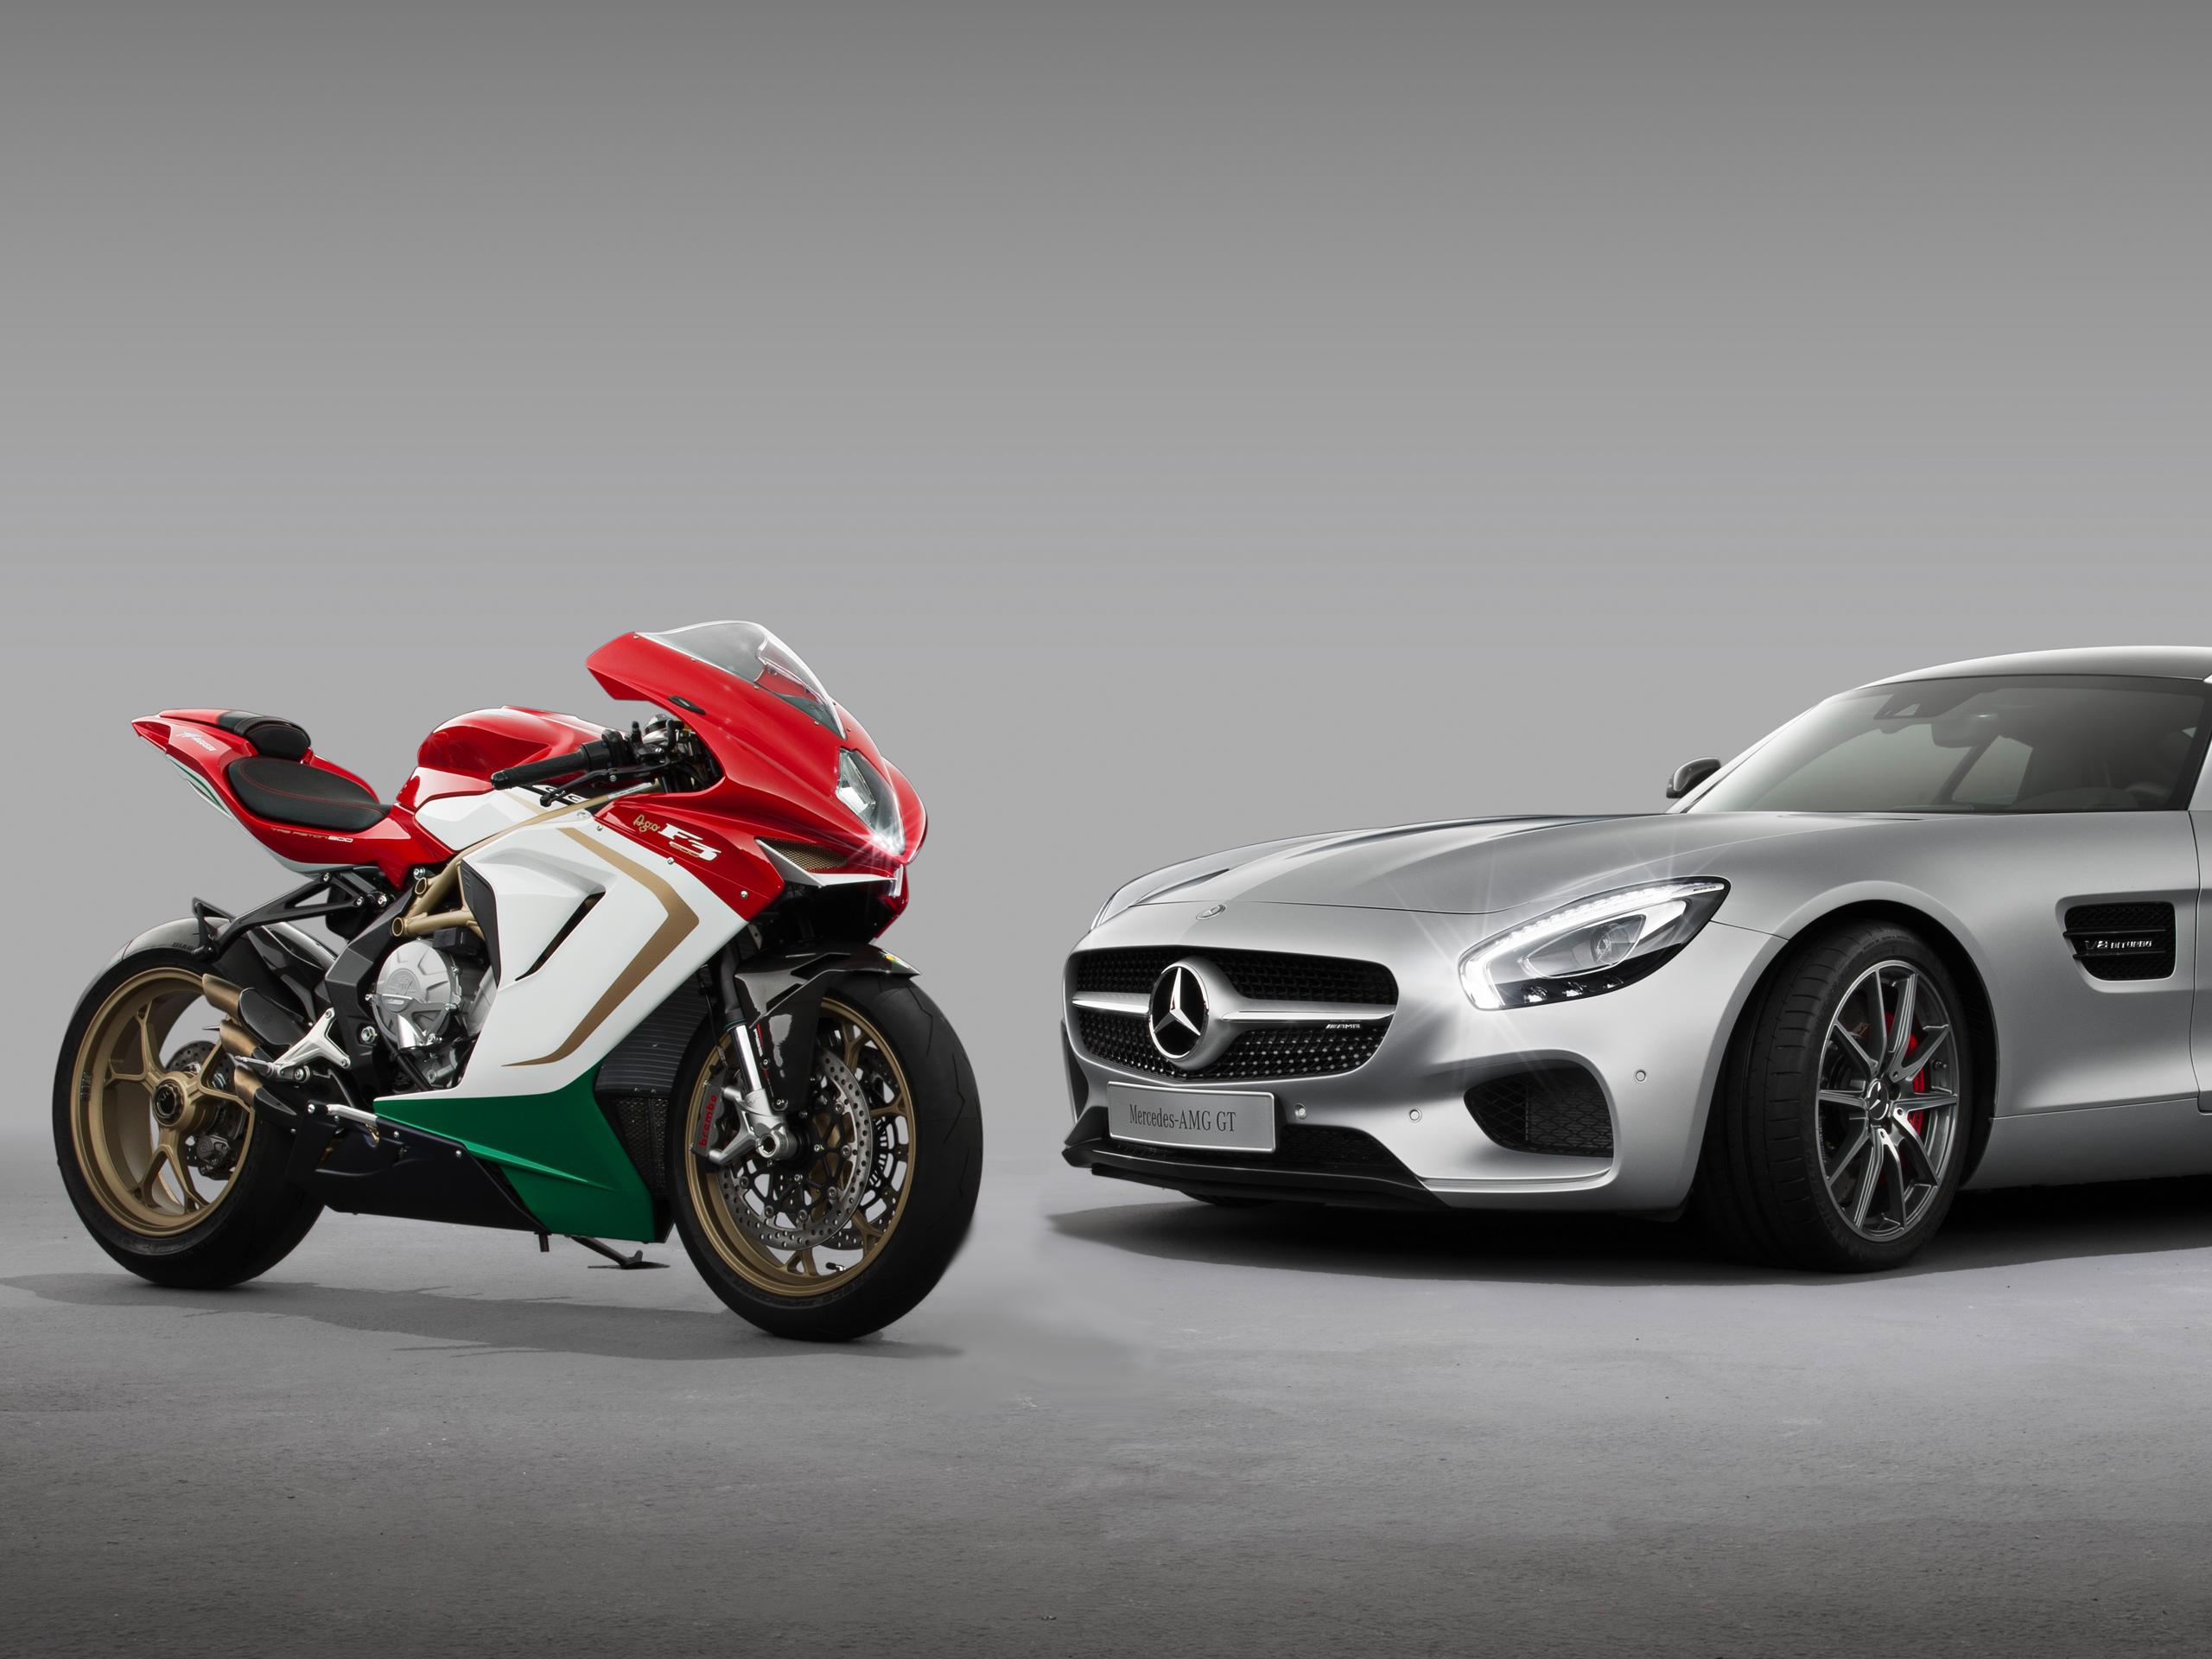 Mv Agusta Mercedes Erwirbt 25 Prozent Am Motorrad Bauer